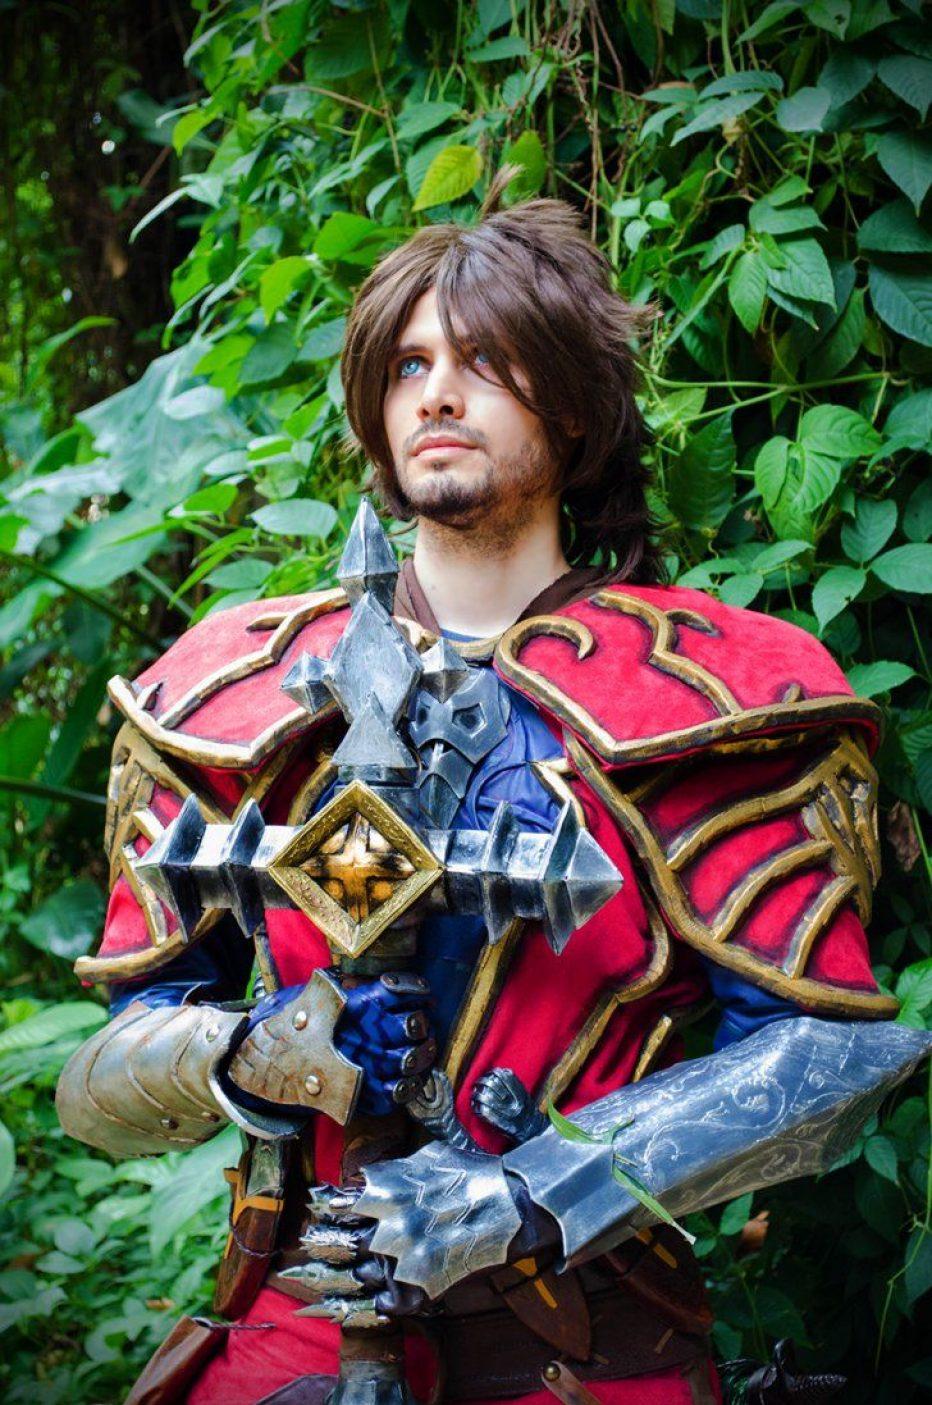 Castlevania-Gabriel-Belmont-Cosplay-Gamers-Heroes-3.jpg